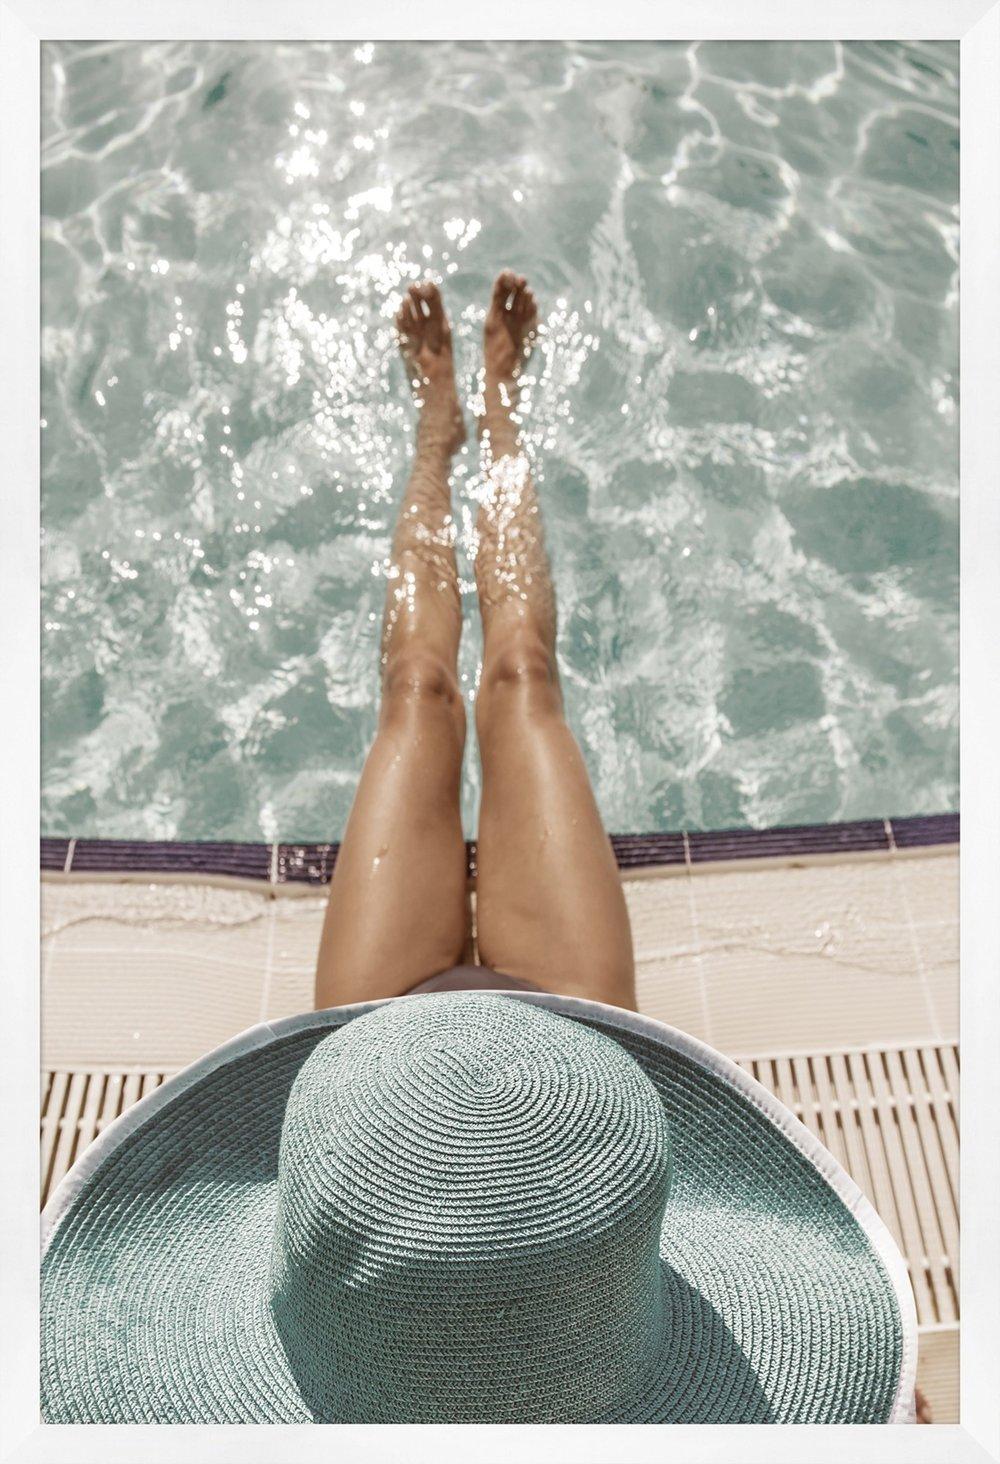 Brigitte by the Pool